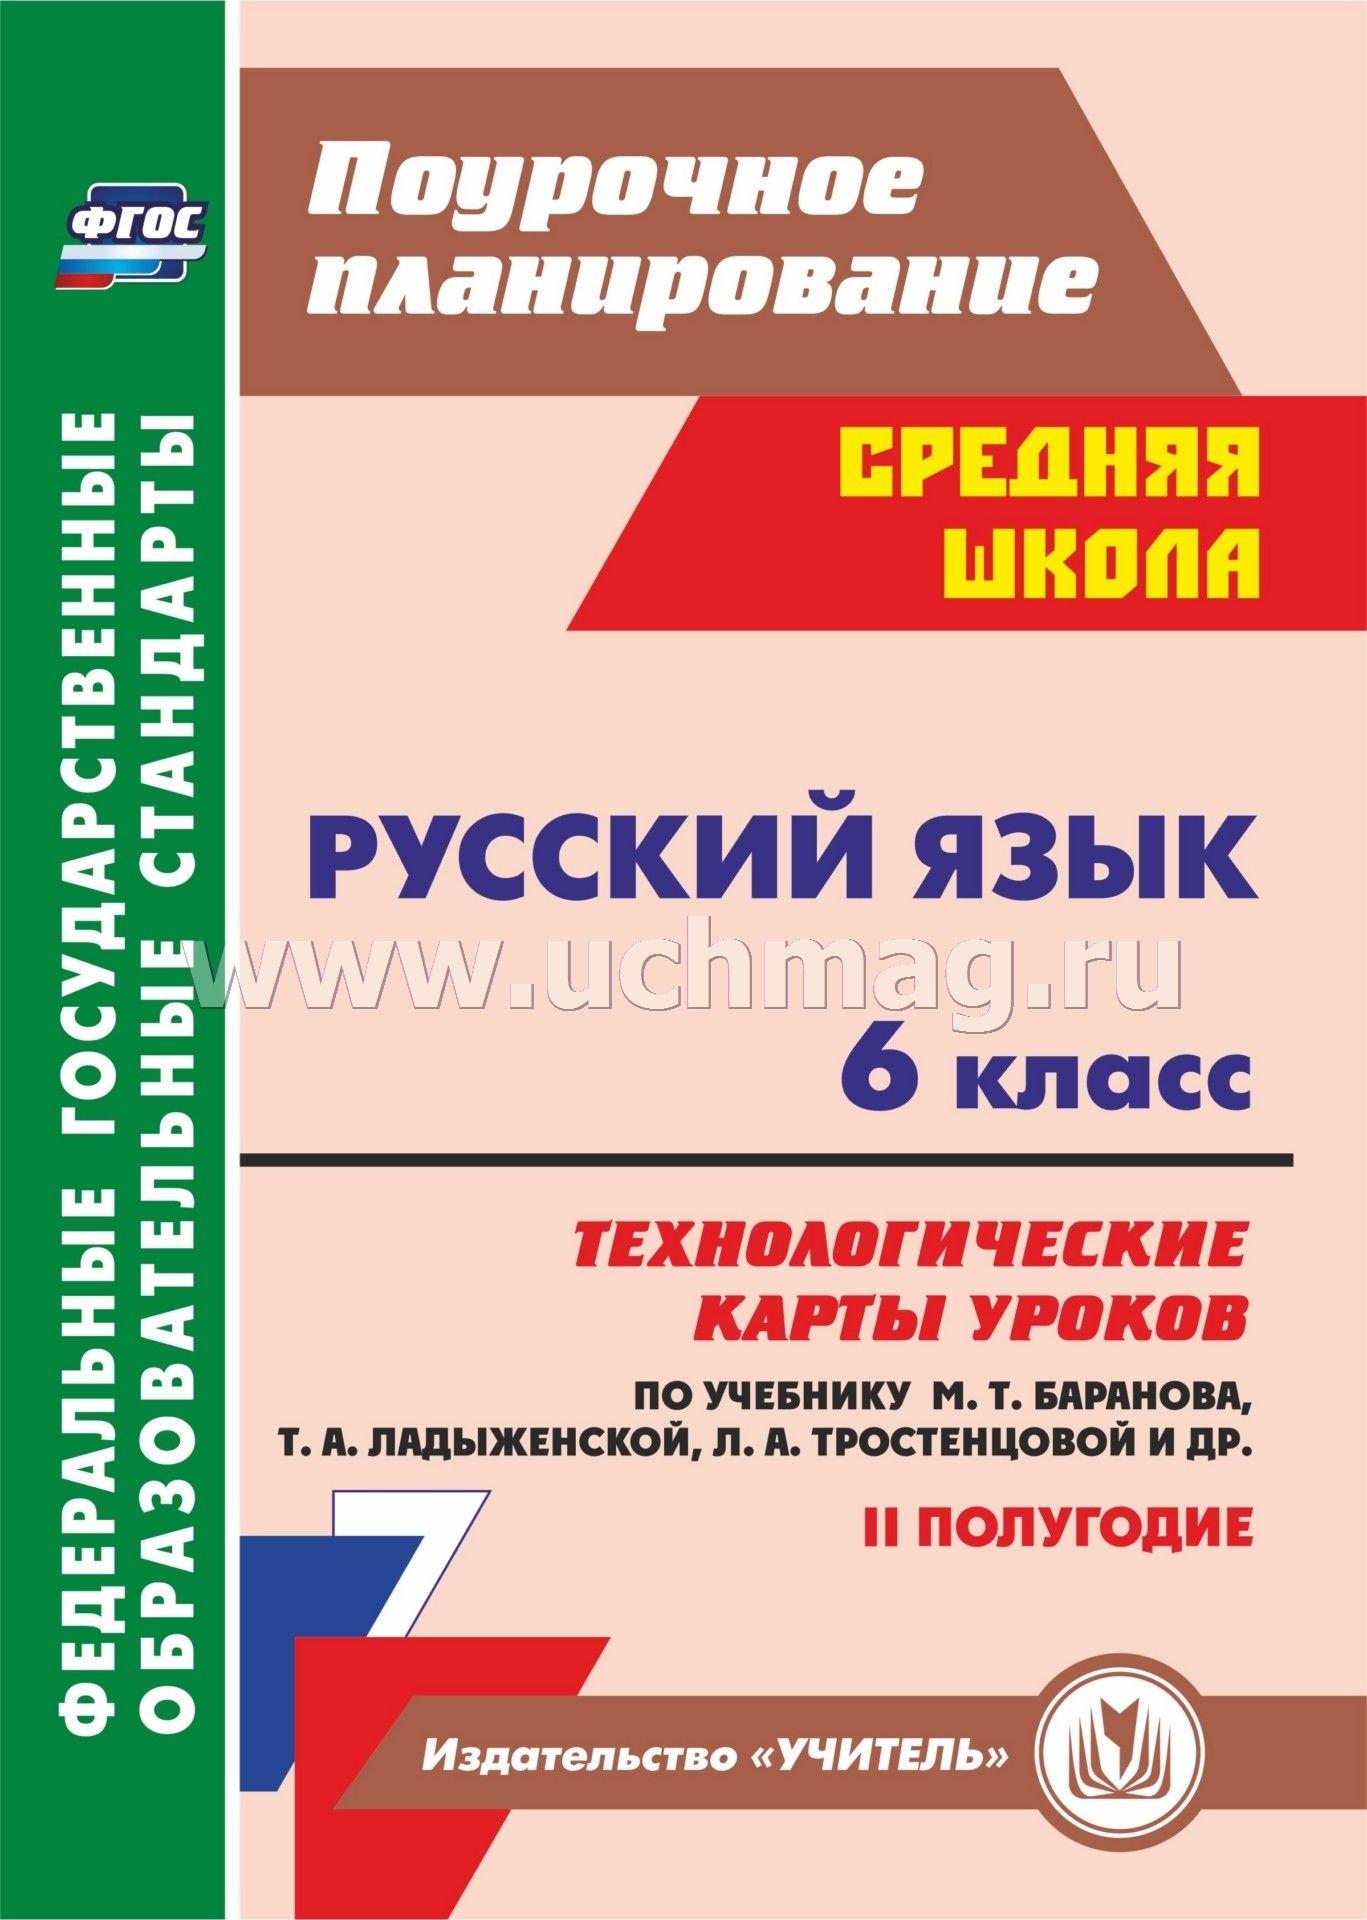 Технологическая карта урока русского языка в 5 классе по разумовской фгос